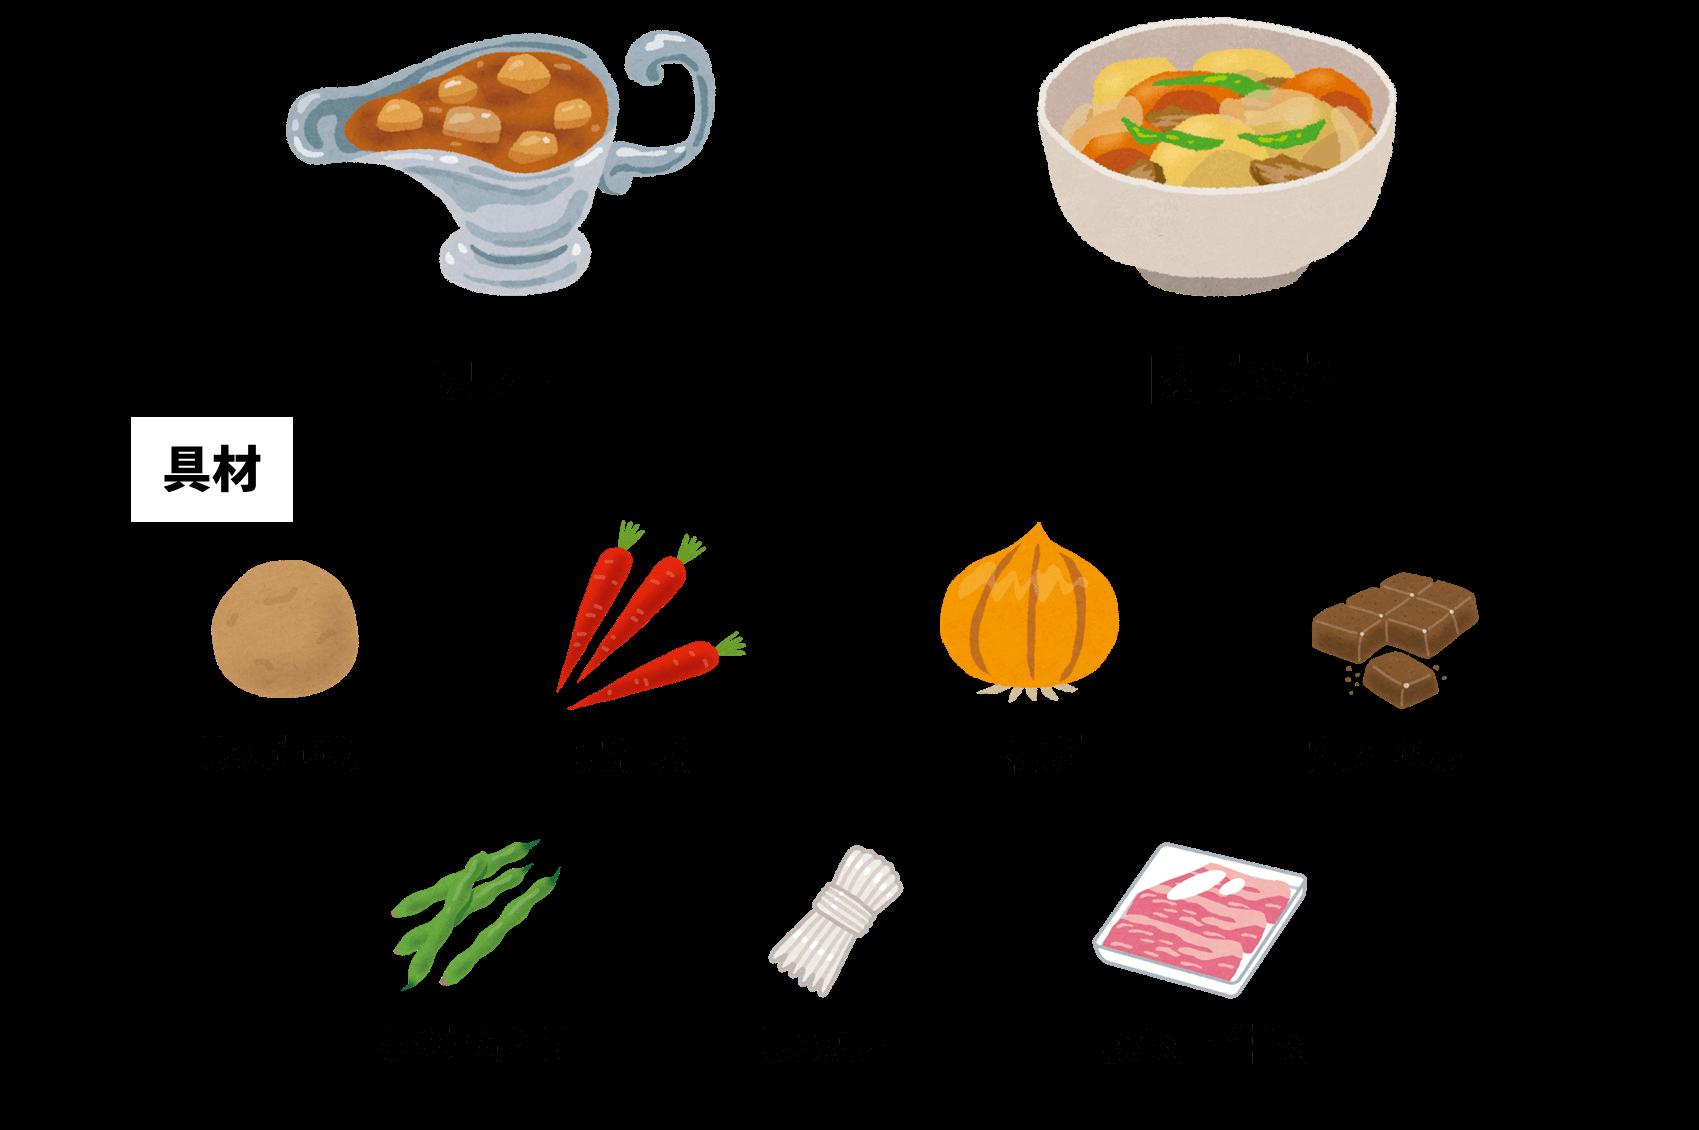 料理と具材の一覧